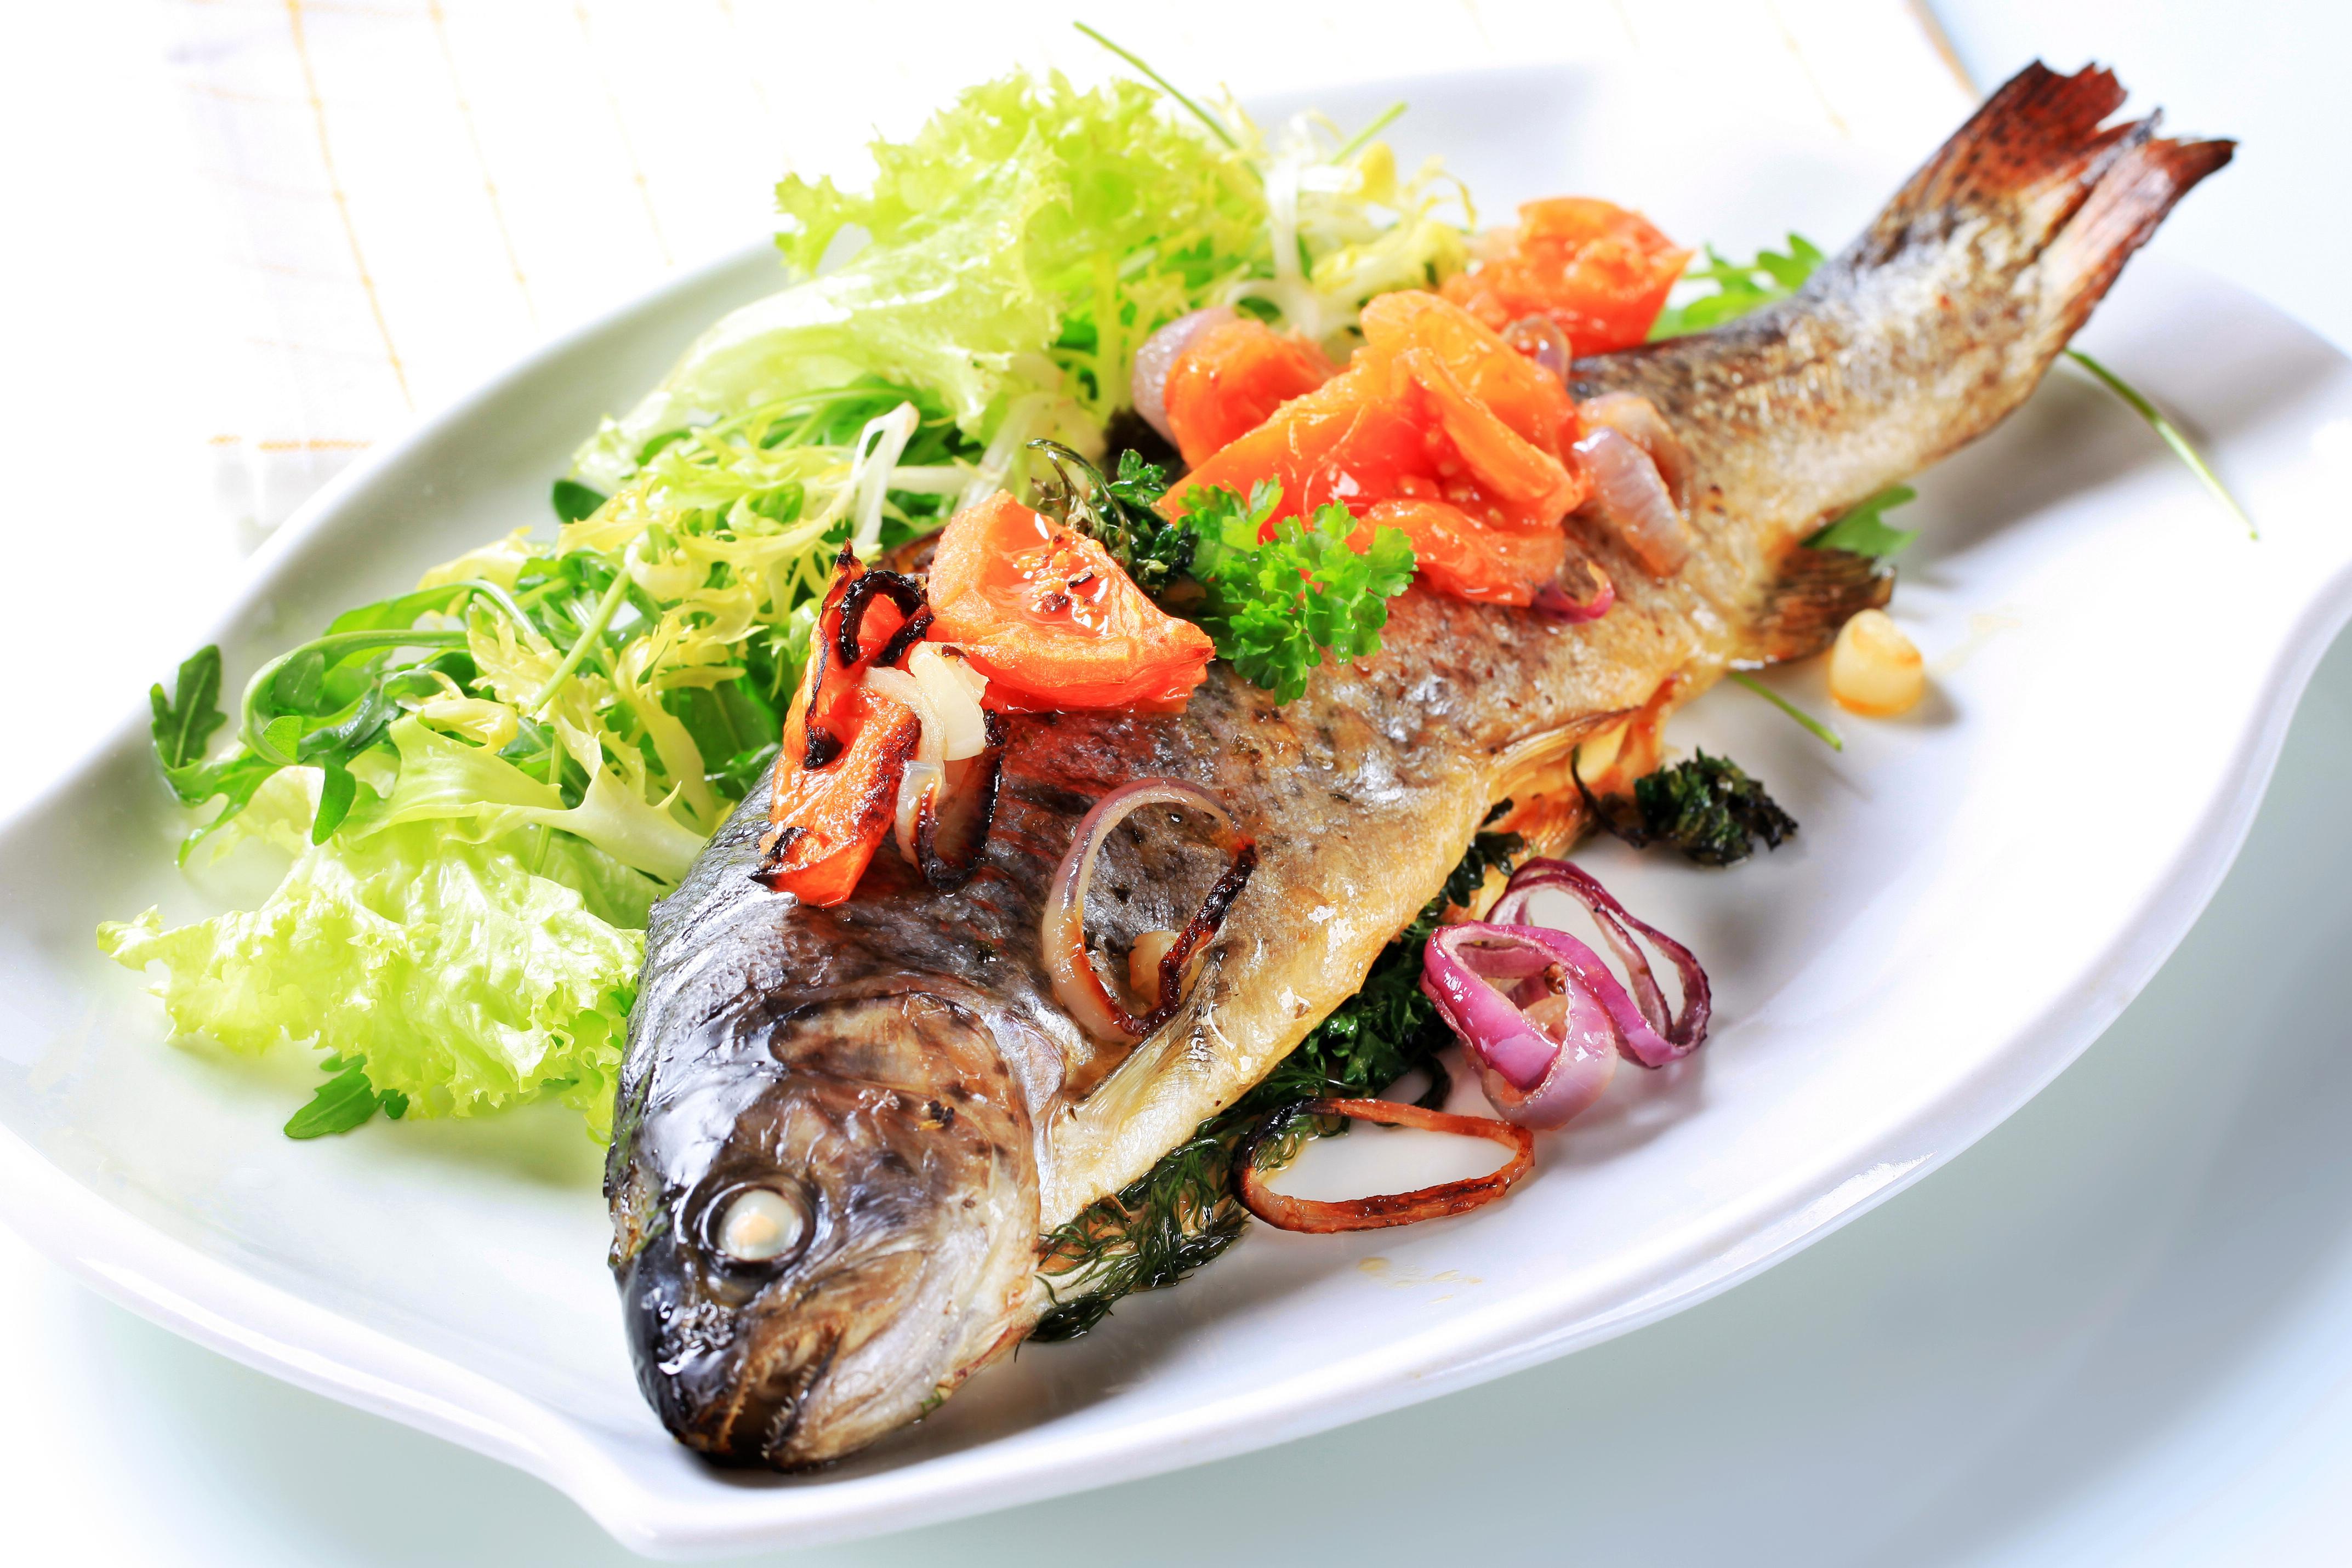 Фотографии Рыба Еда Овощи Тарелка 4291x2861 Пища Продукты питания